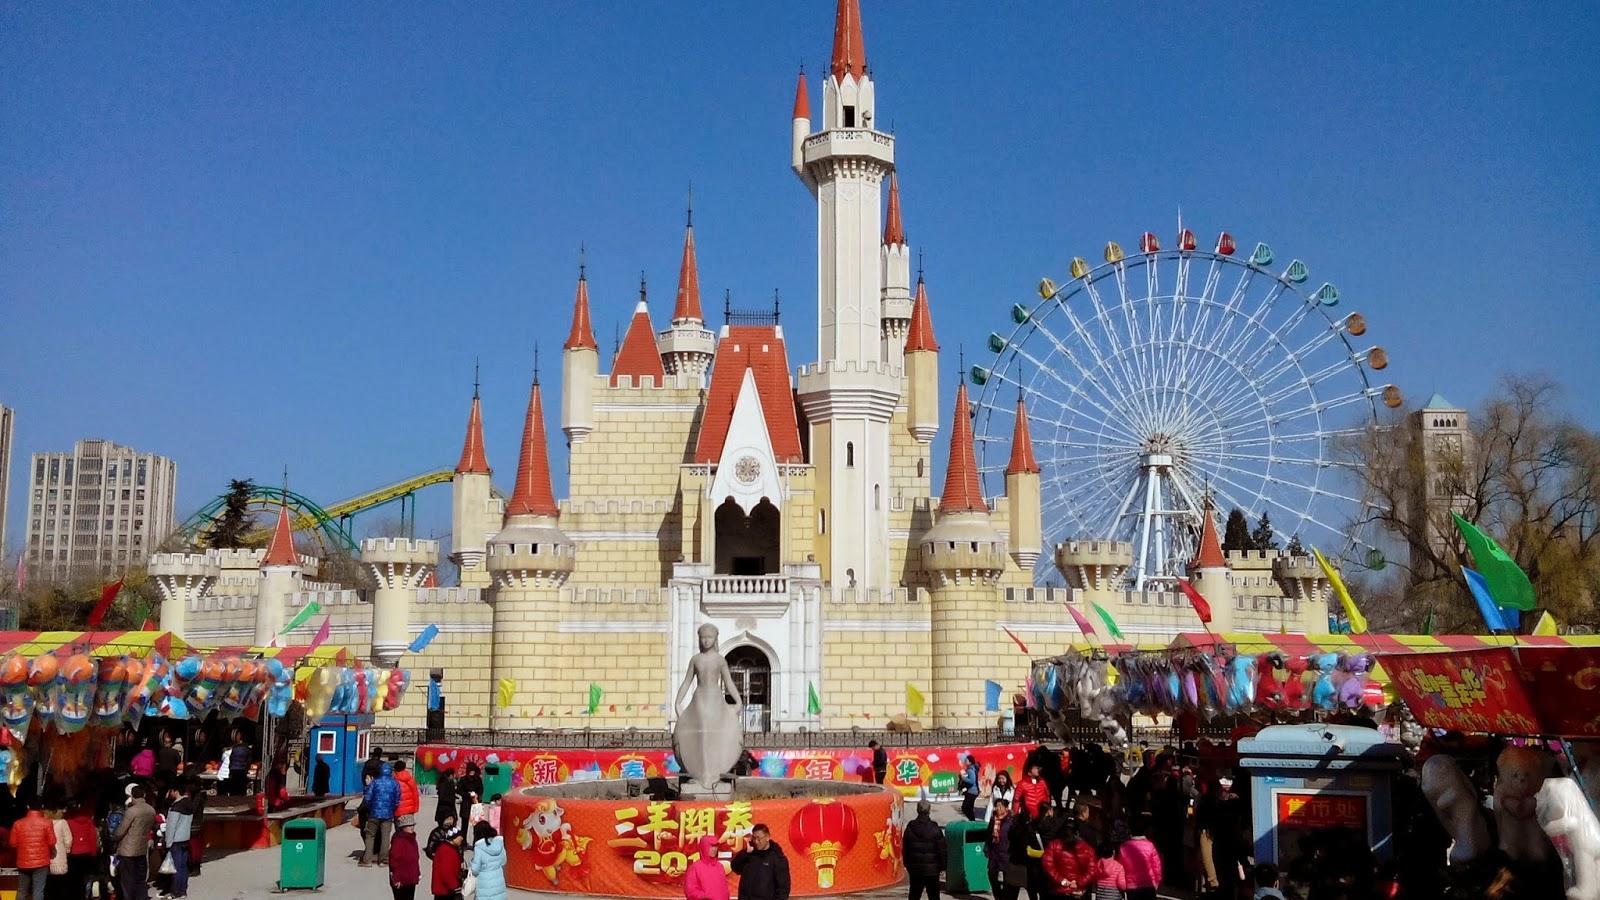 پارک تفریحی شی جینگ شان